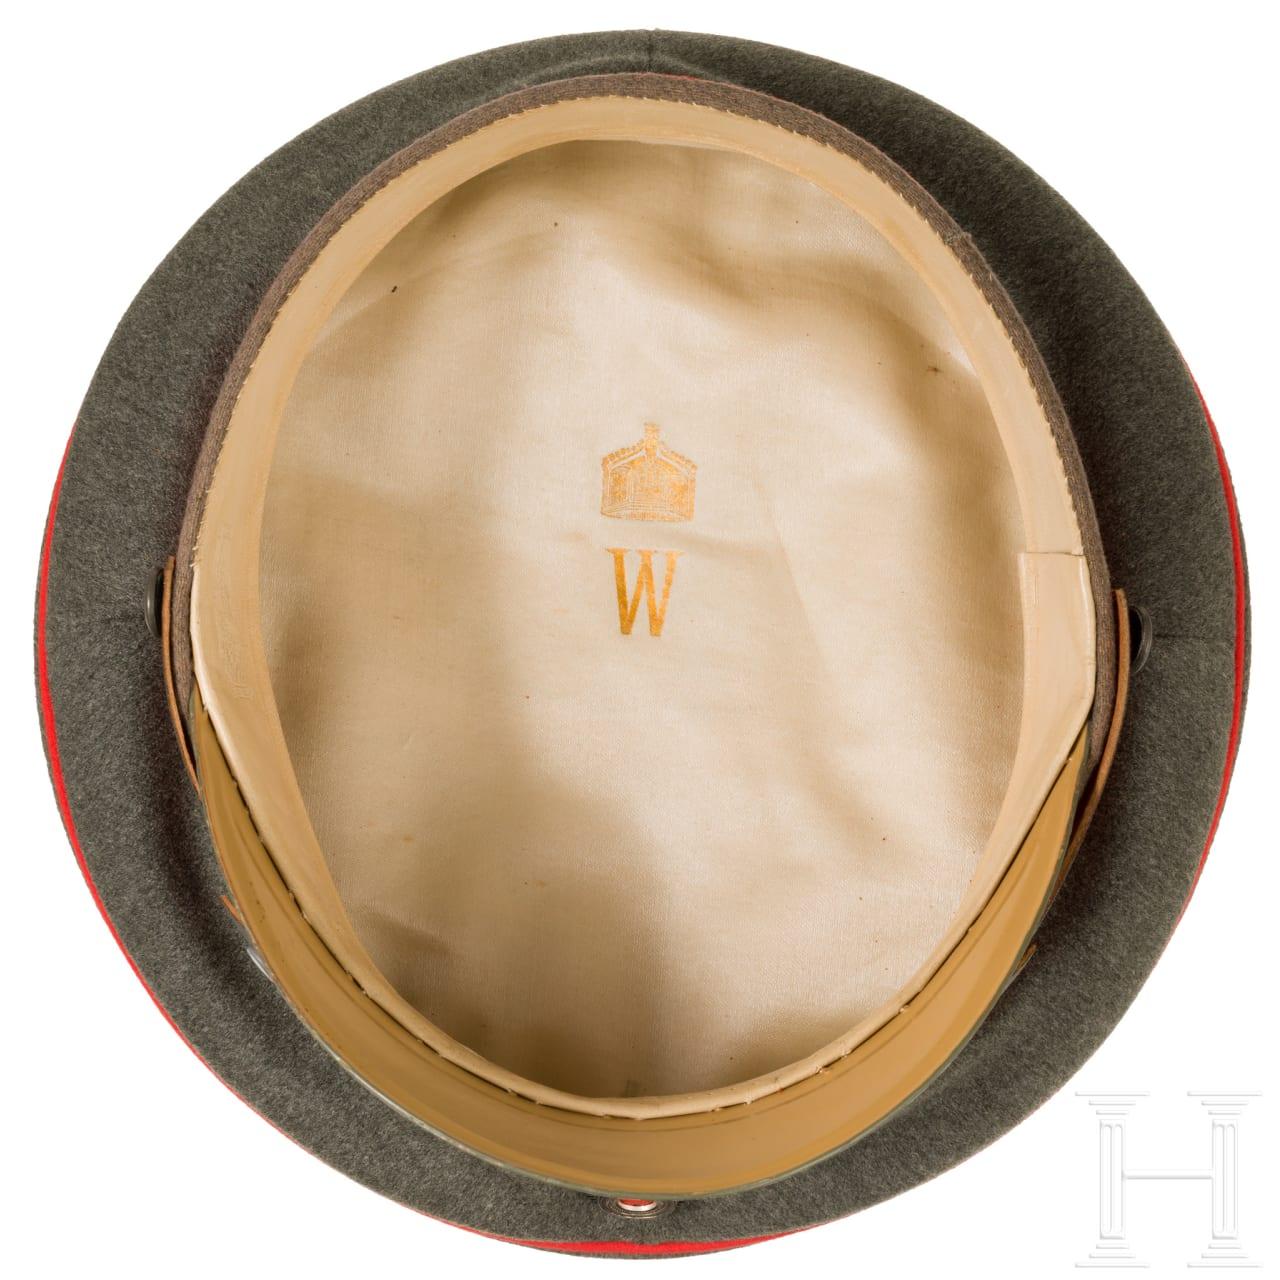 Kaiser Wilhelm II. - persönliche Schirmmütze zur feldgrauen Uniform, um 1915